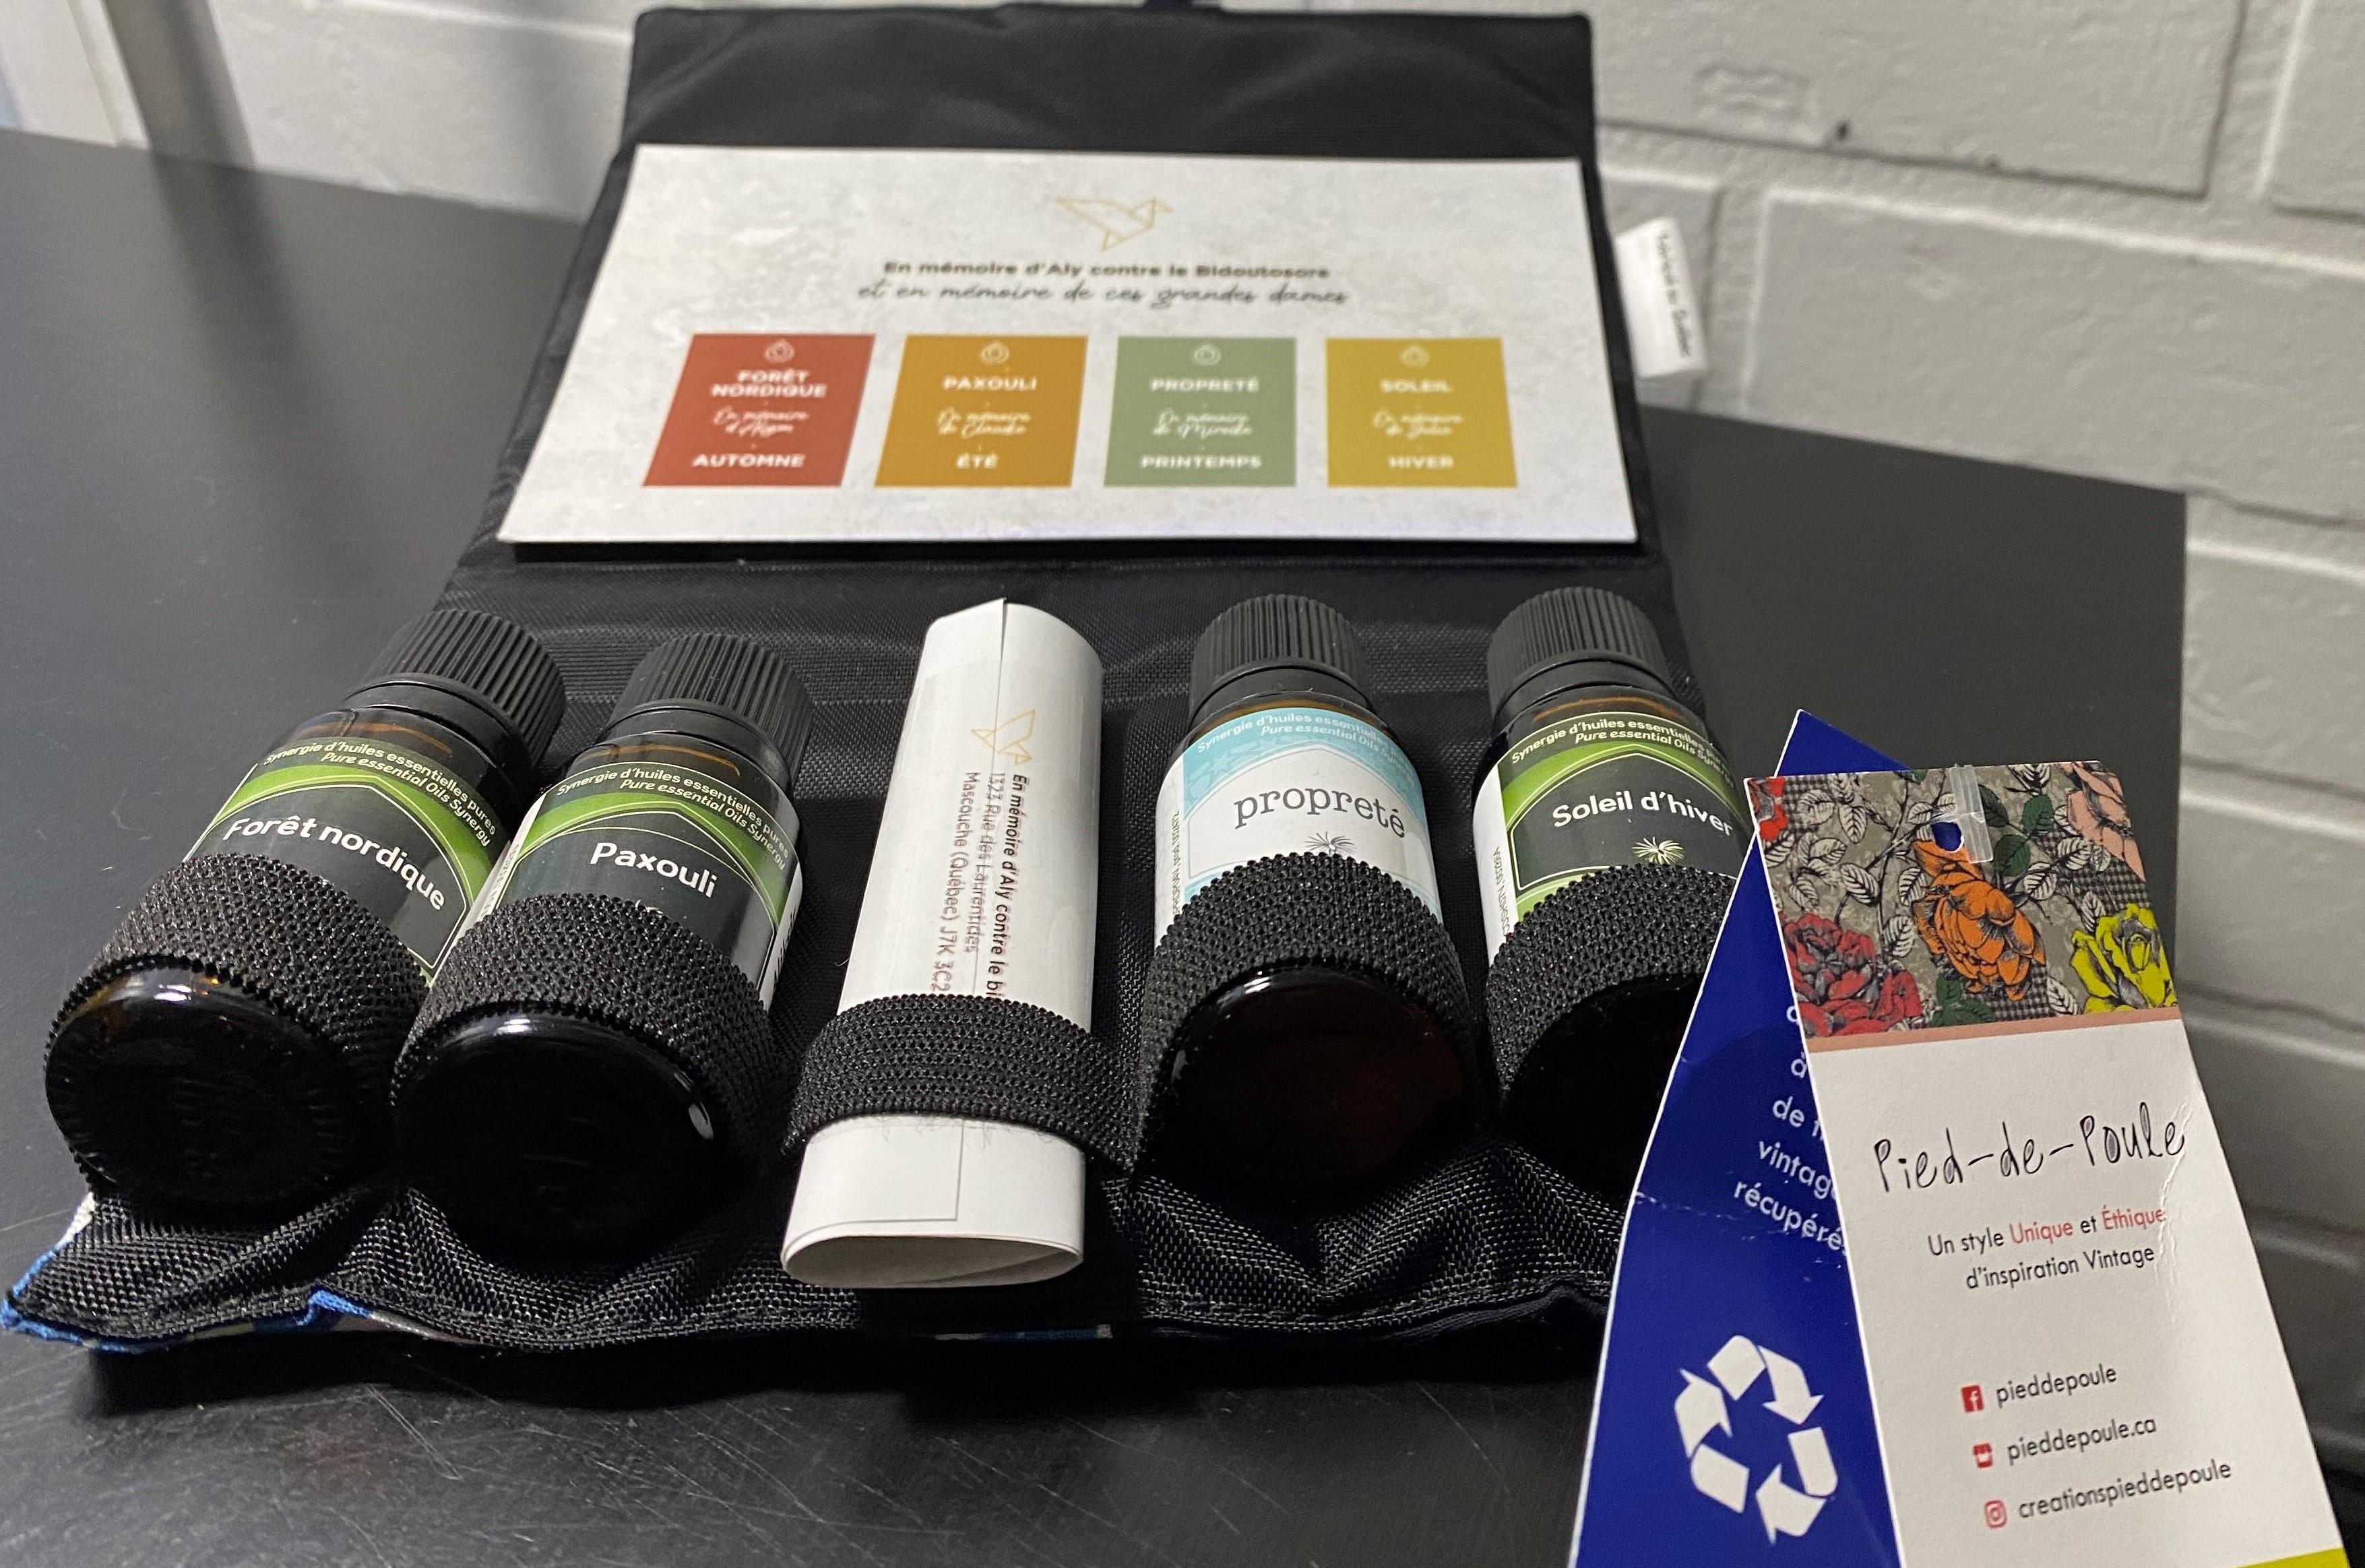 :L'Association du cancer de l'Est du Québec (ACEQ) annonce la mise en vente - jusqu'aux Fêtes - de coffrets d'huiles essentielles en mémoire d'Alyson Beauchesne-Lévesque,